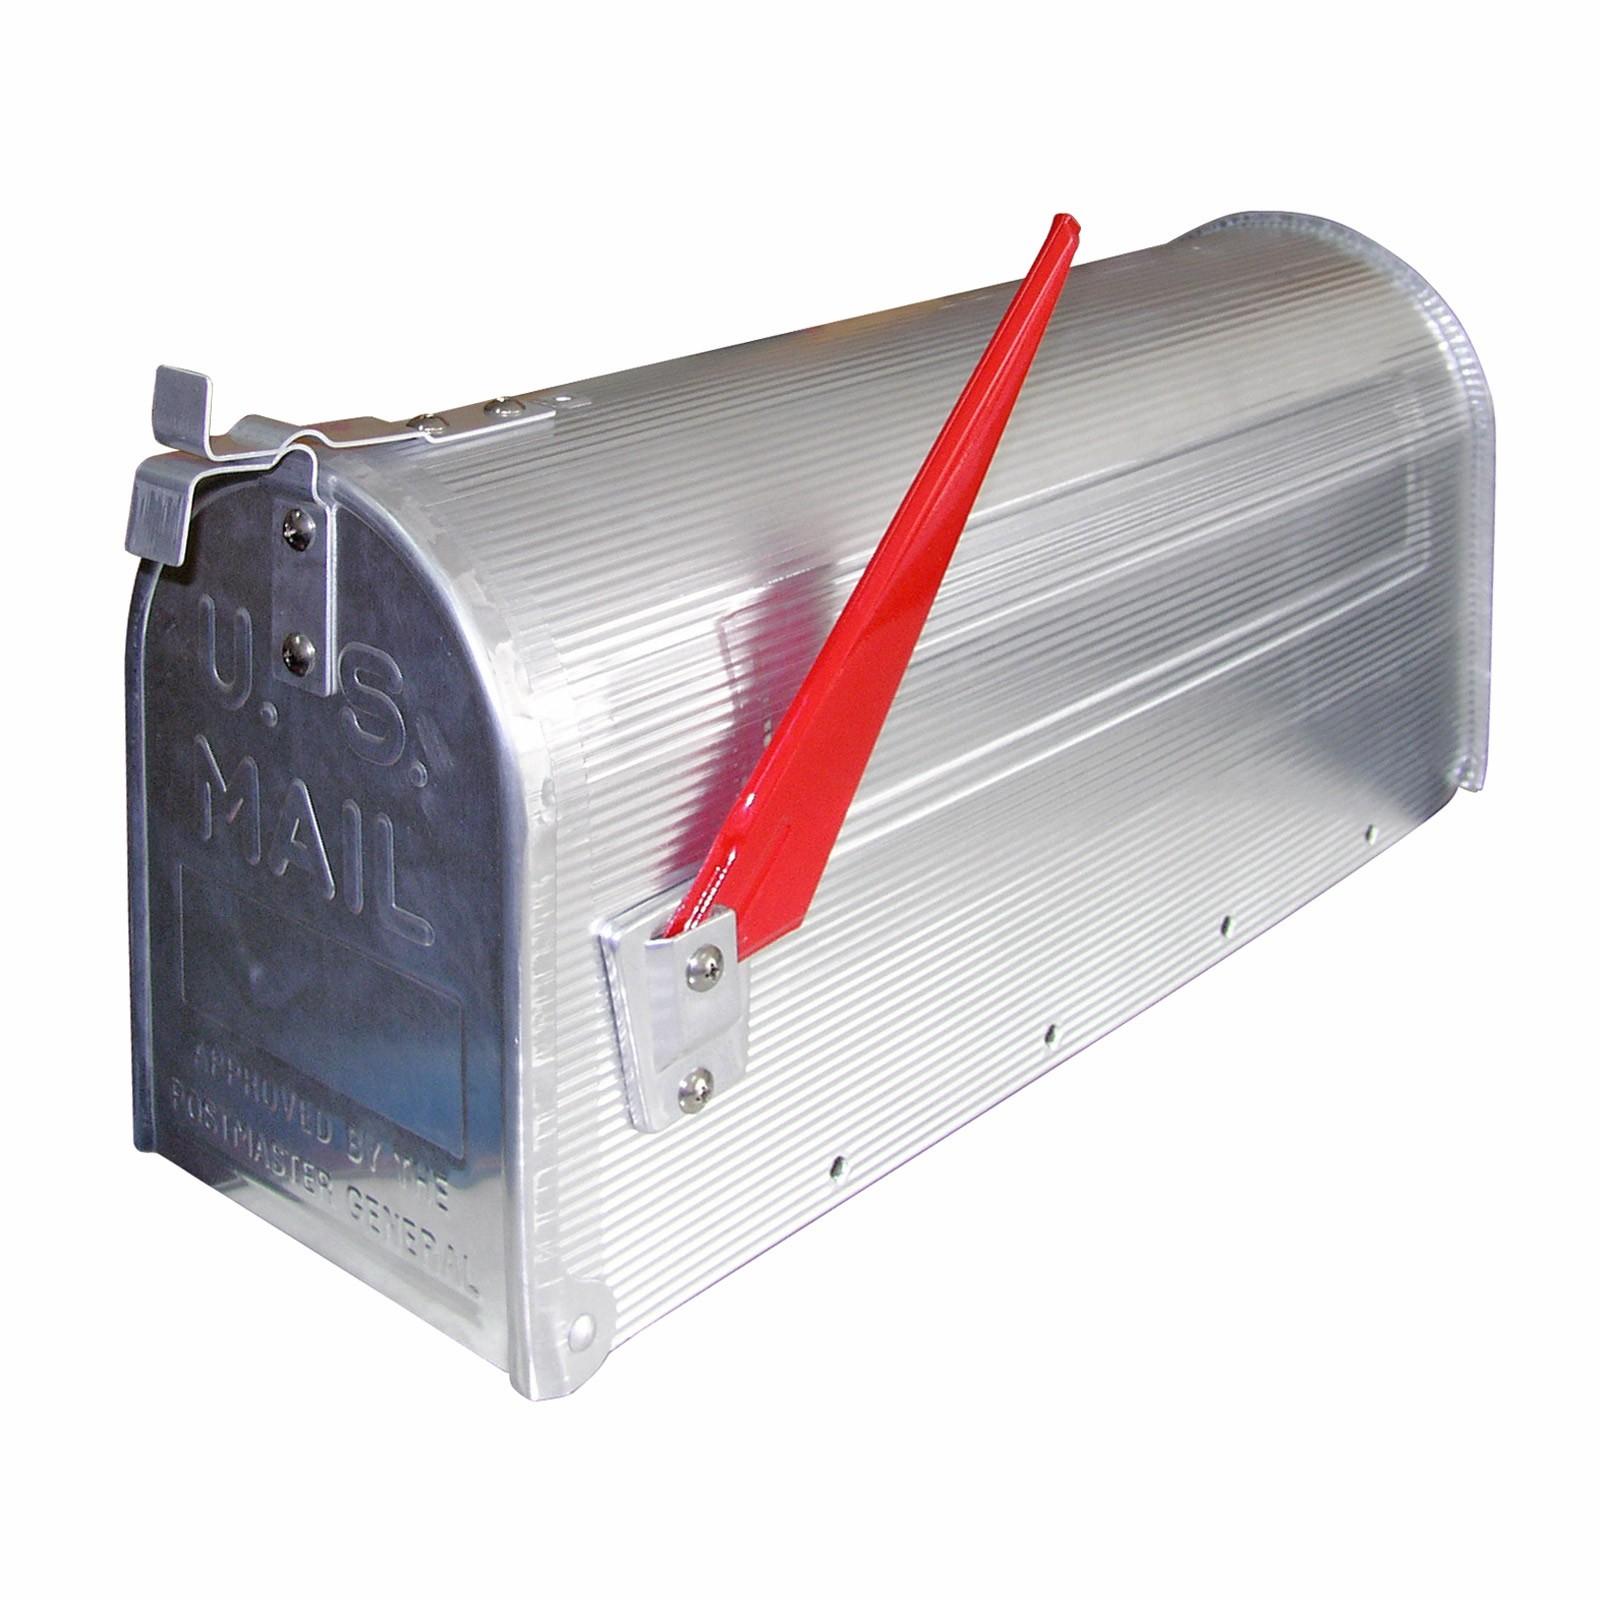 Briefkasten Bilder briefkasten mailbox aus alu silber